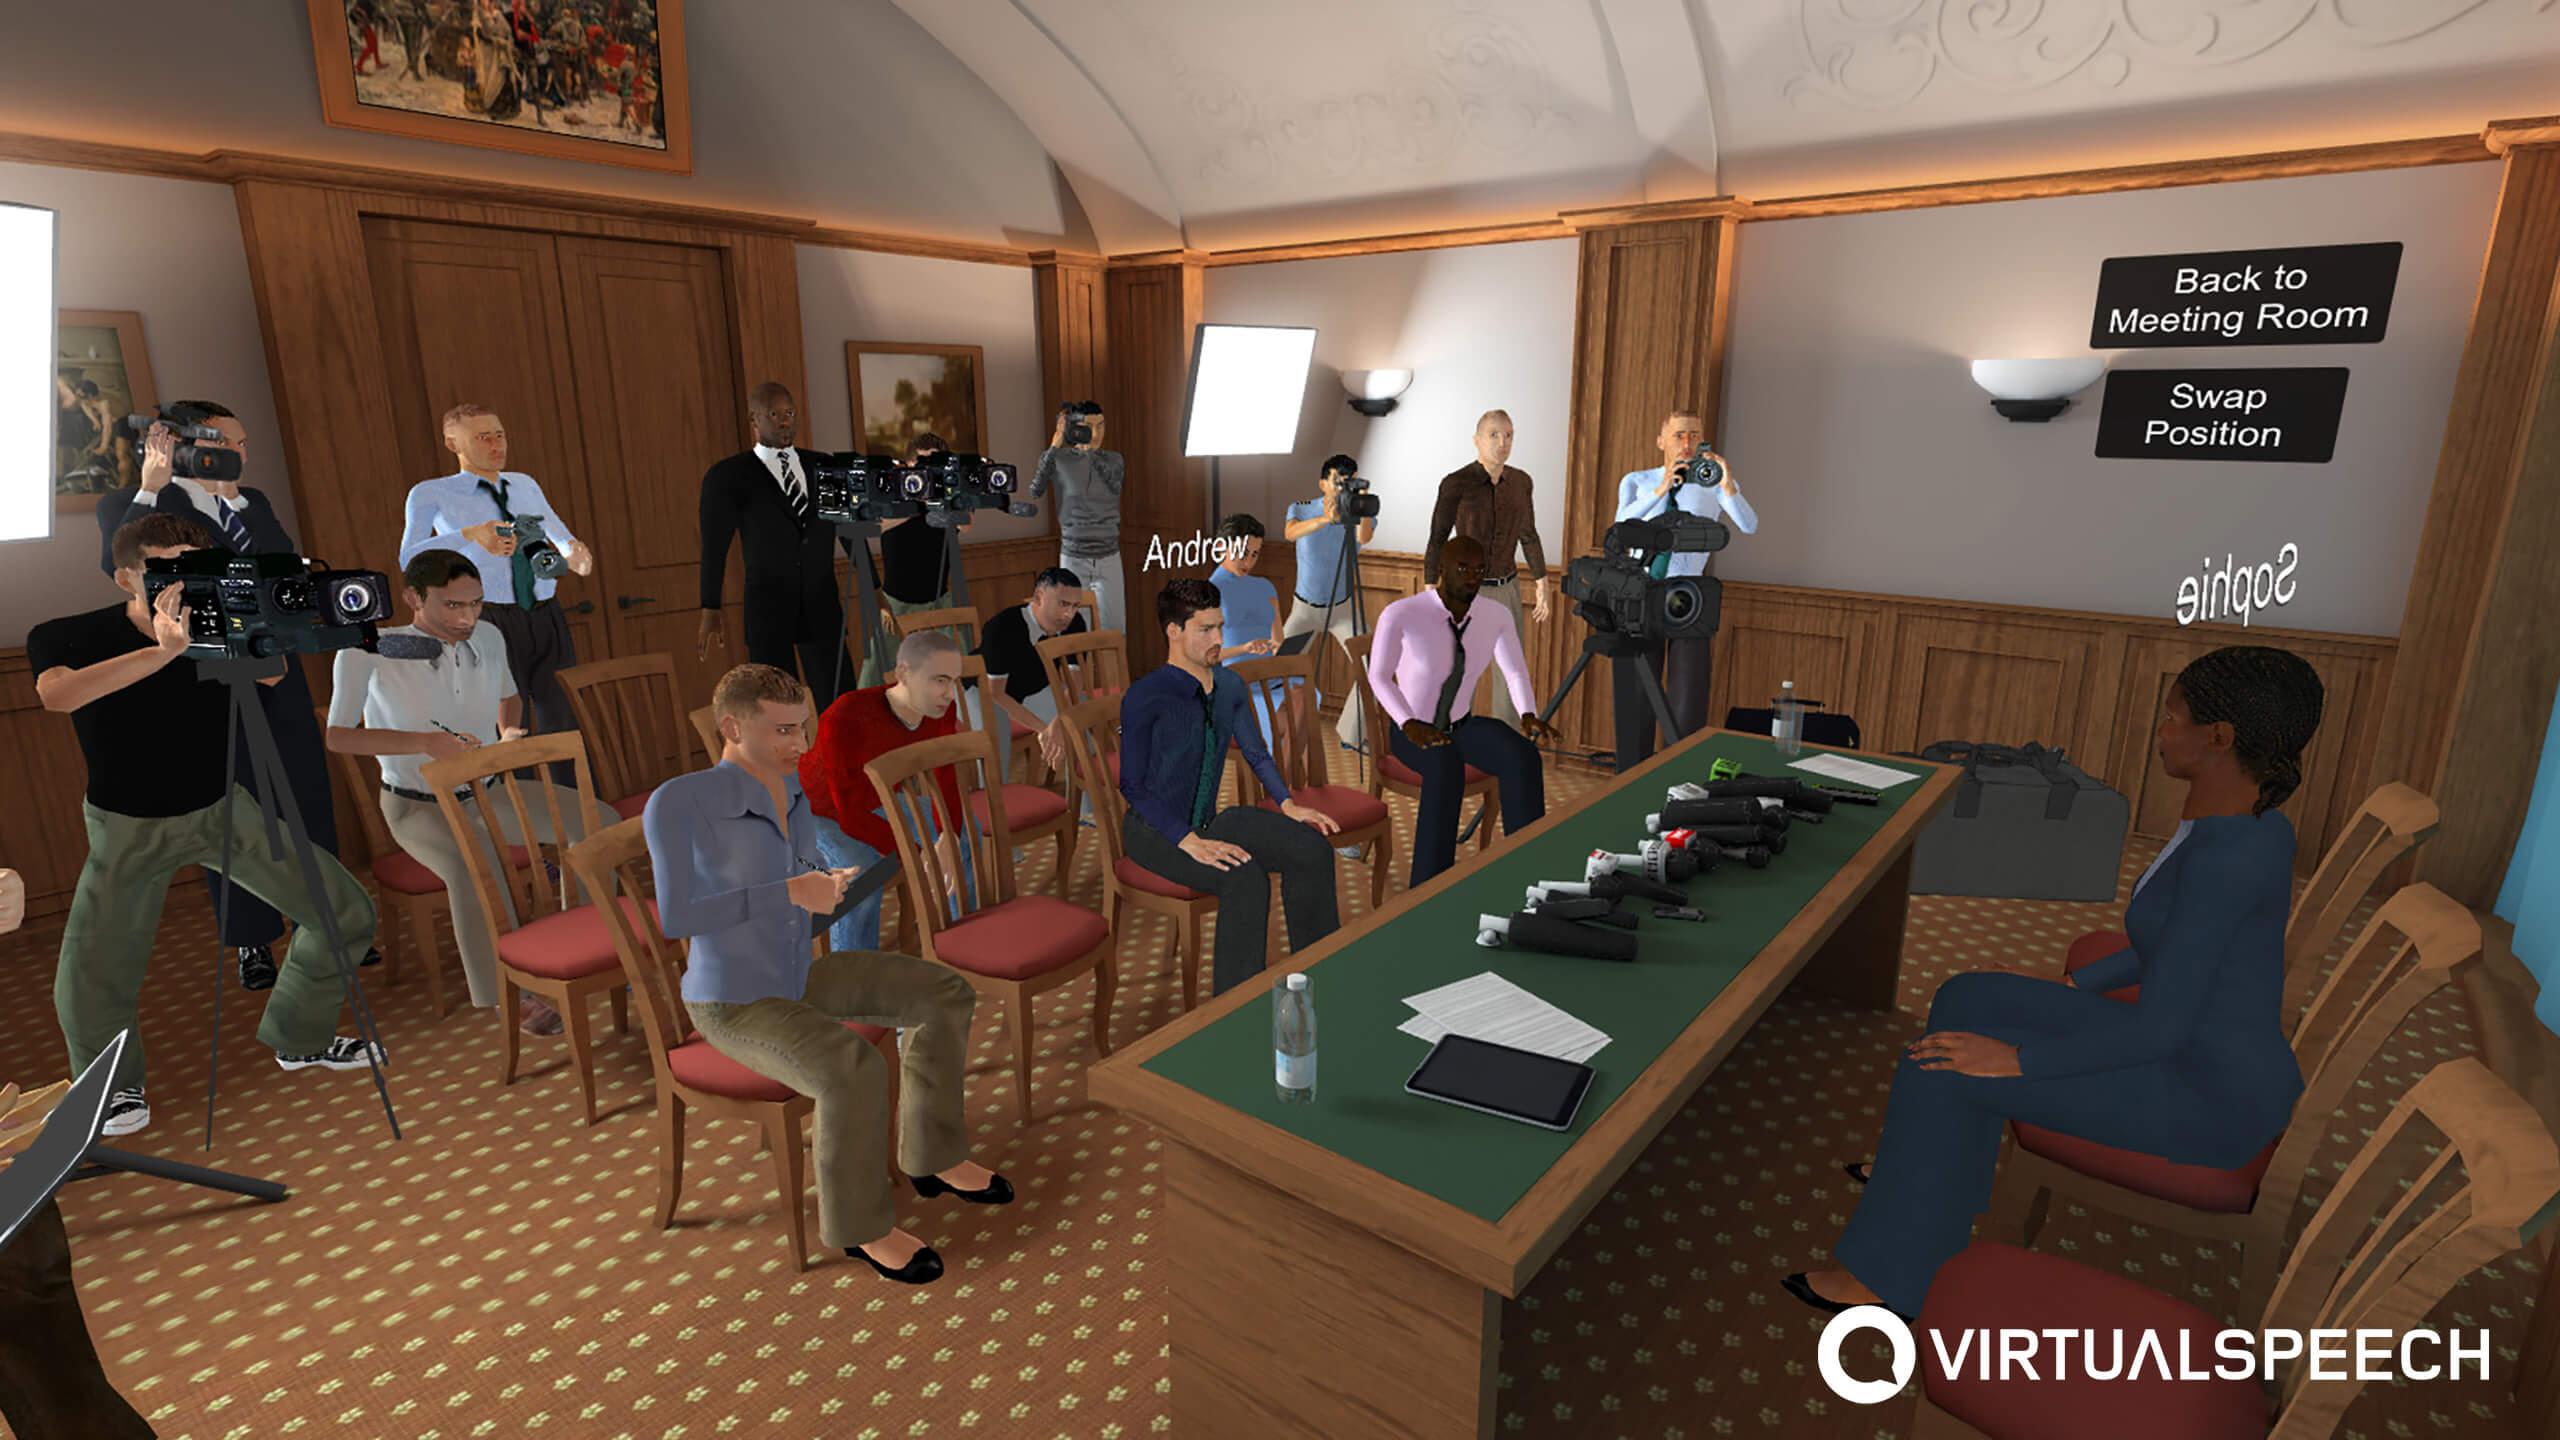 VR Media Training - Hostile interview setting